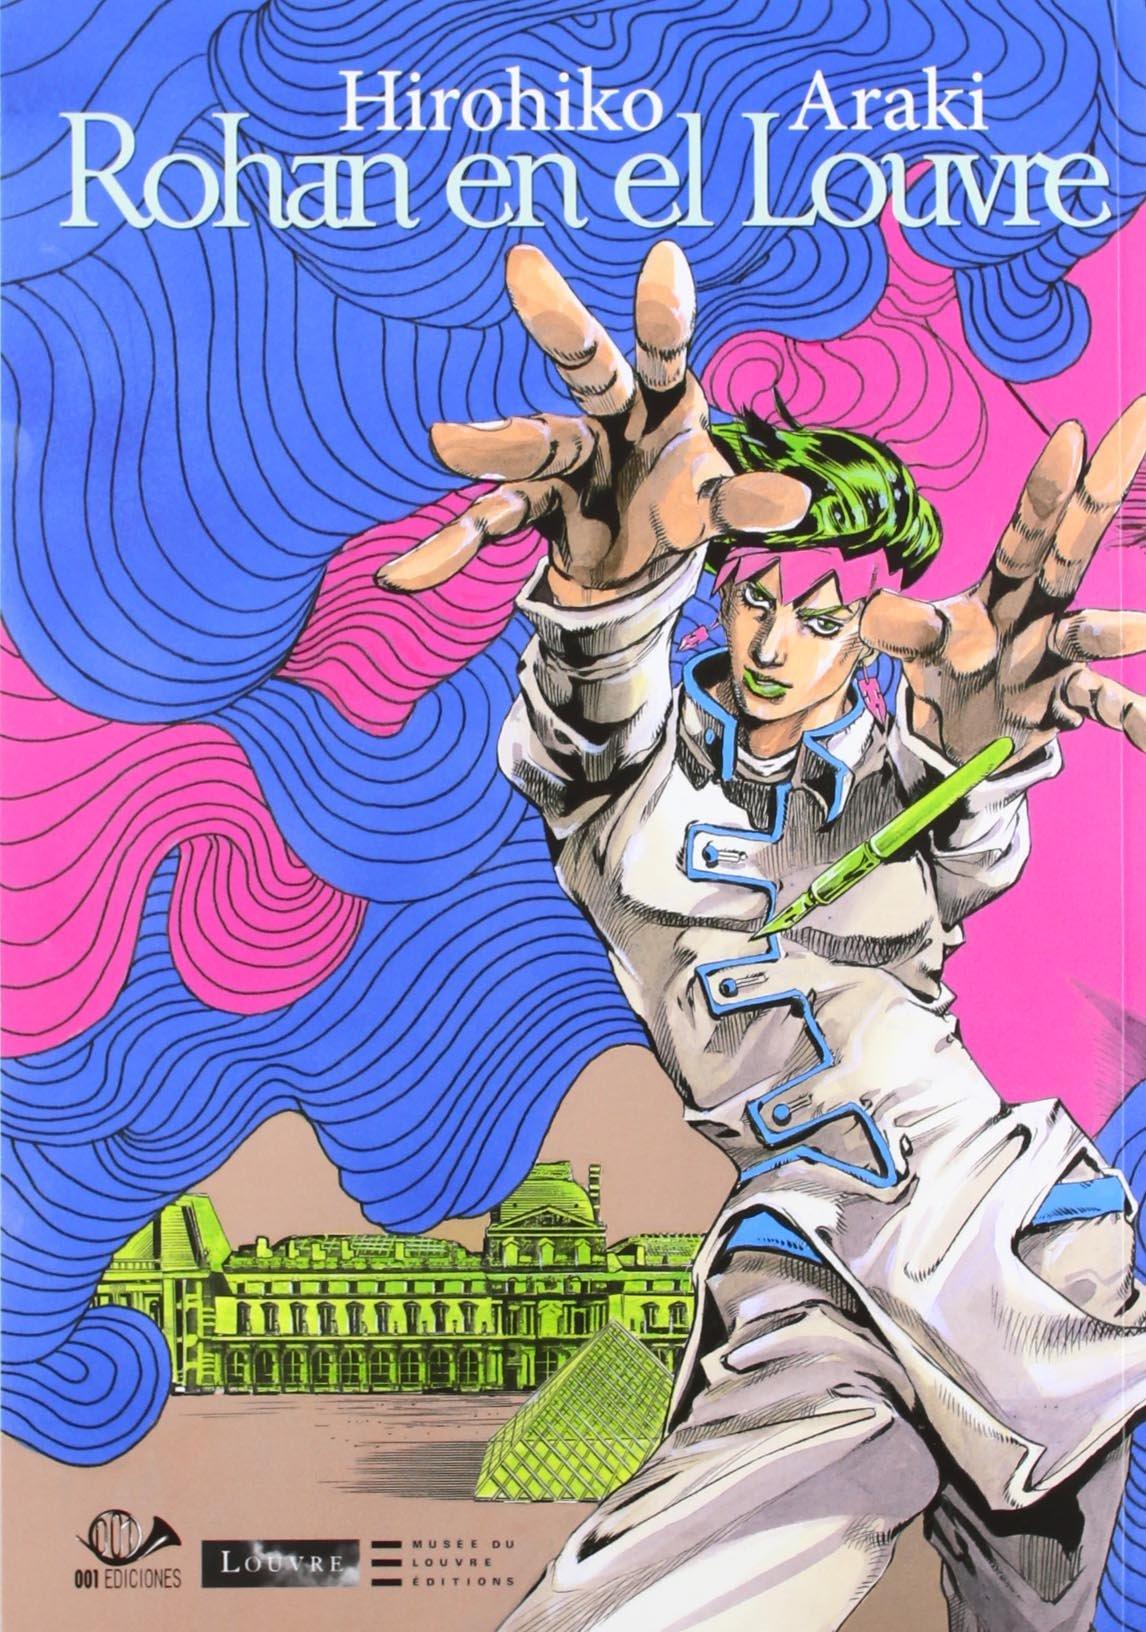 Rohan en el Louvre  Hirohiko Araki Amazon.de Bücher